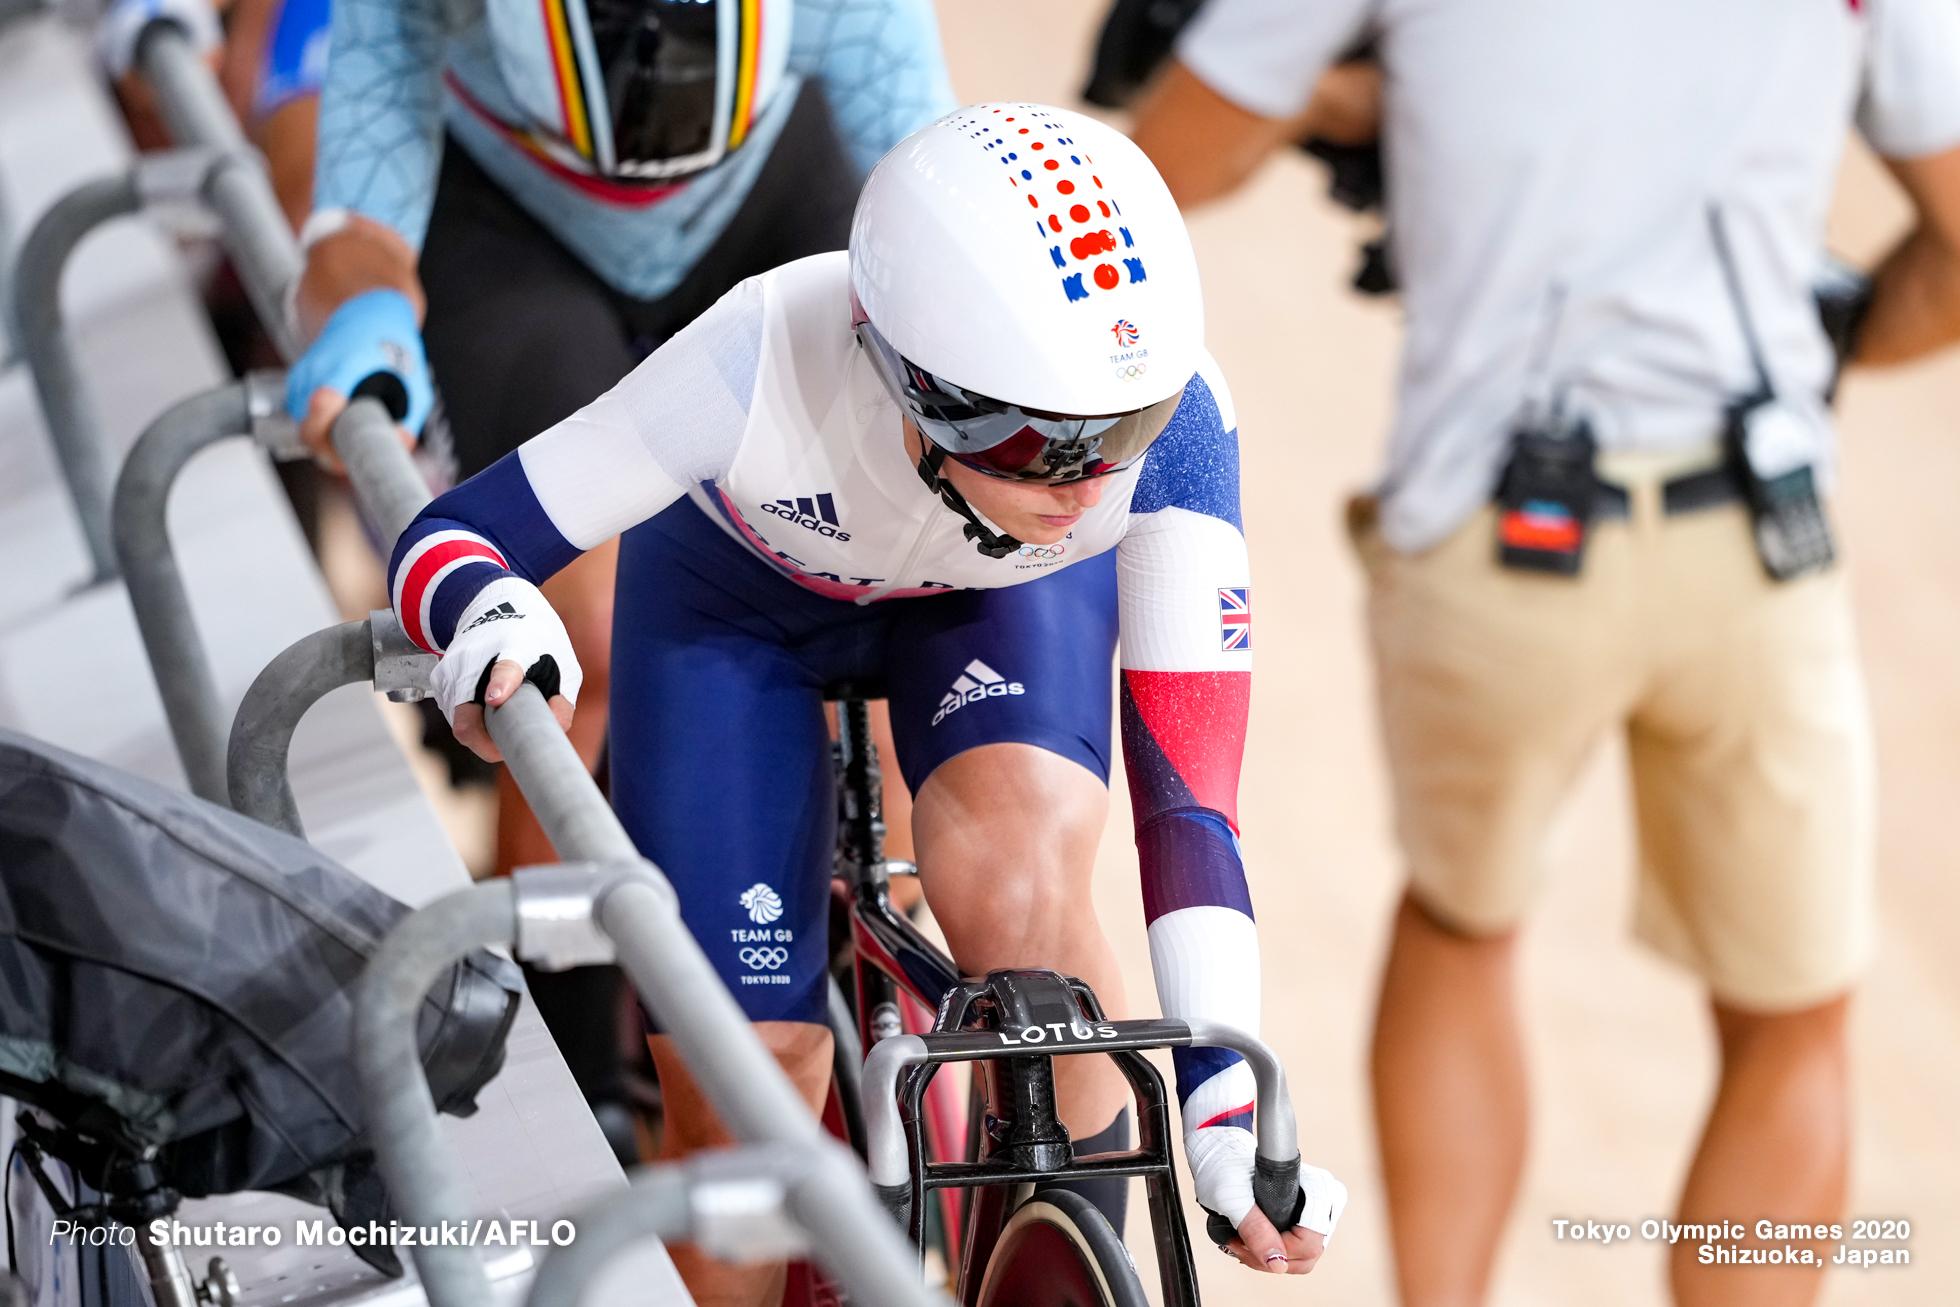 ローラ・ケニー Laura Kenny (GBR), Women's Omnium Scratch Race 1/4 AUGUST 8, 2021 - Cycling : during the Tokyo 2020 Olympic Games at the Izu Velodrome in Shizuoka, Japan. (Photo by Shutaro Mochizuki/AFLO)